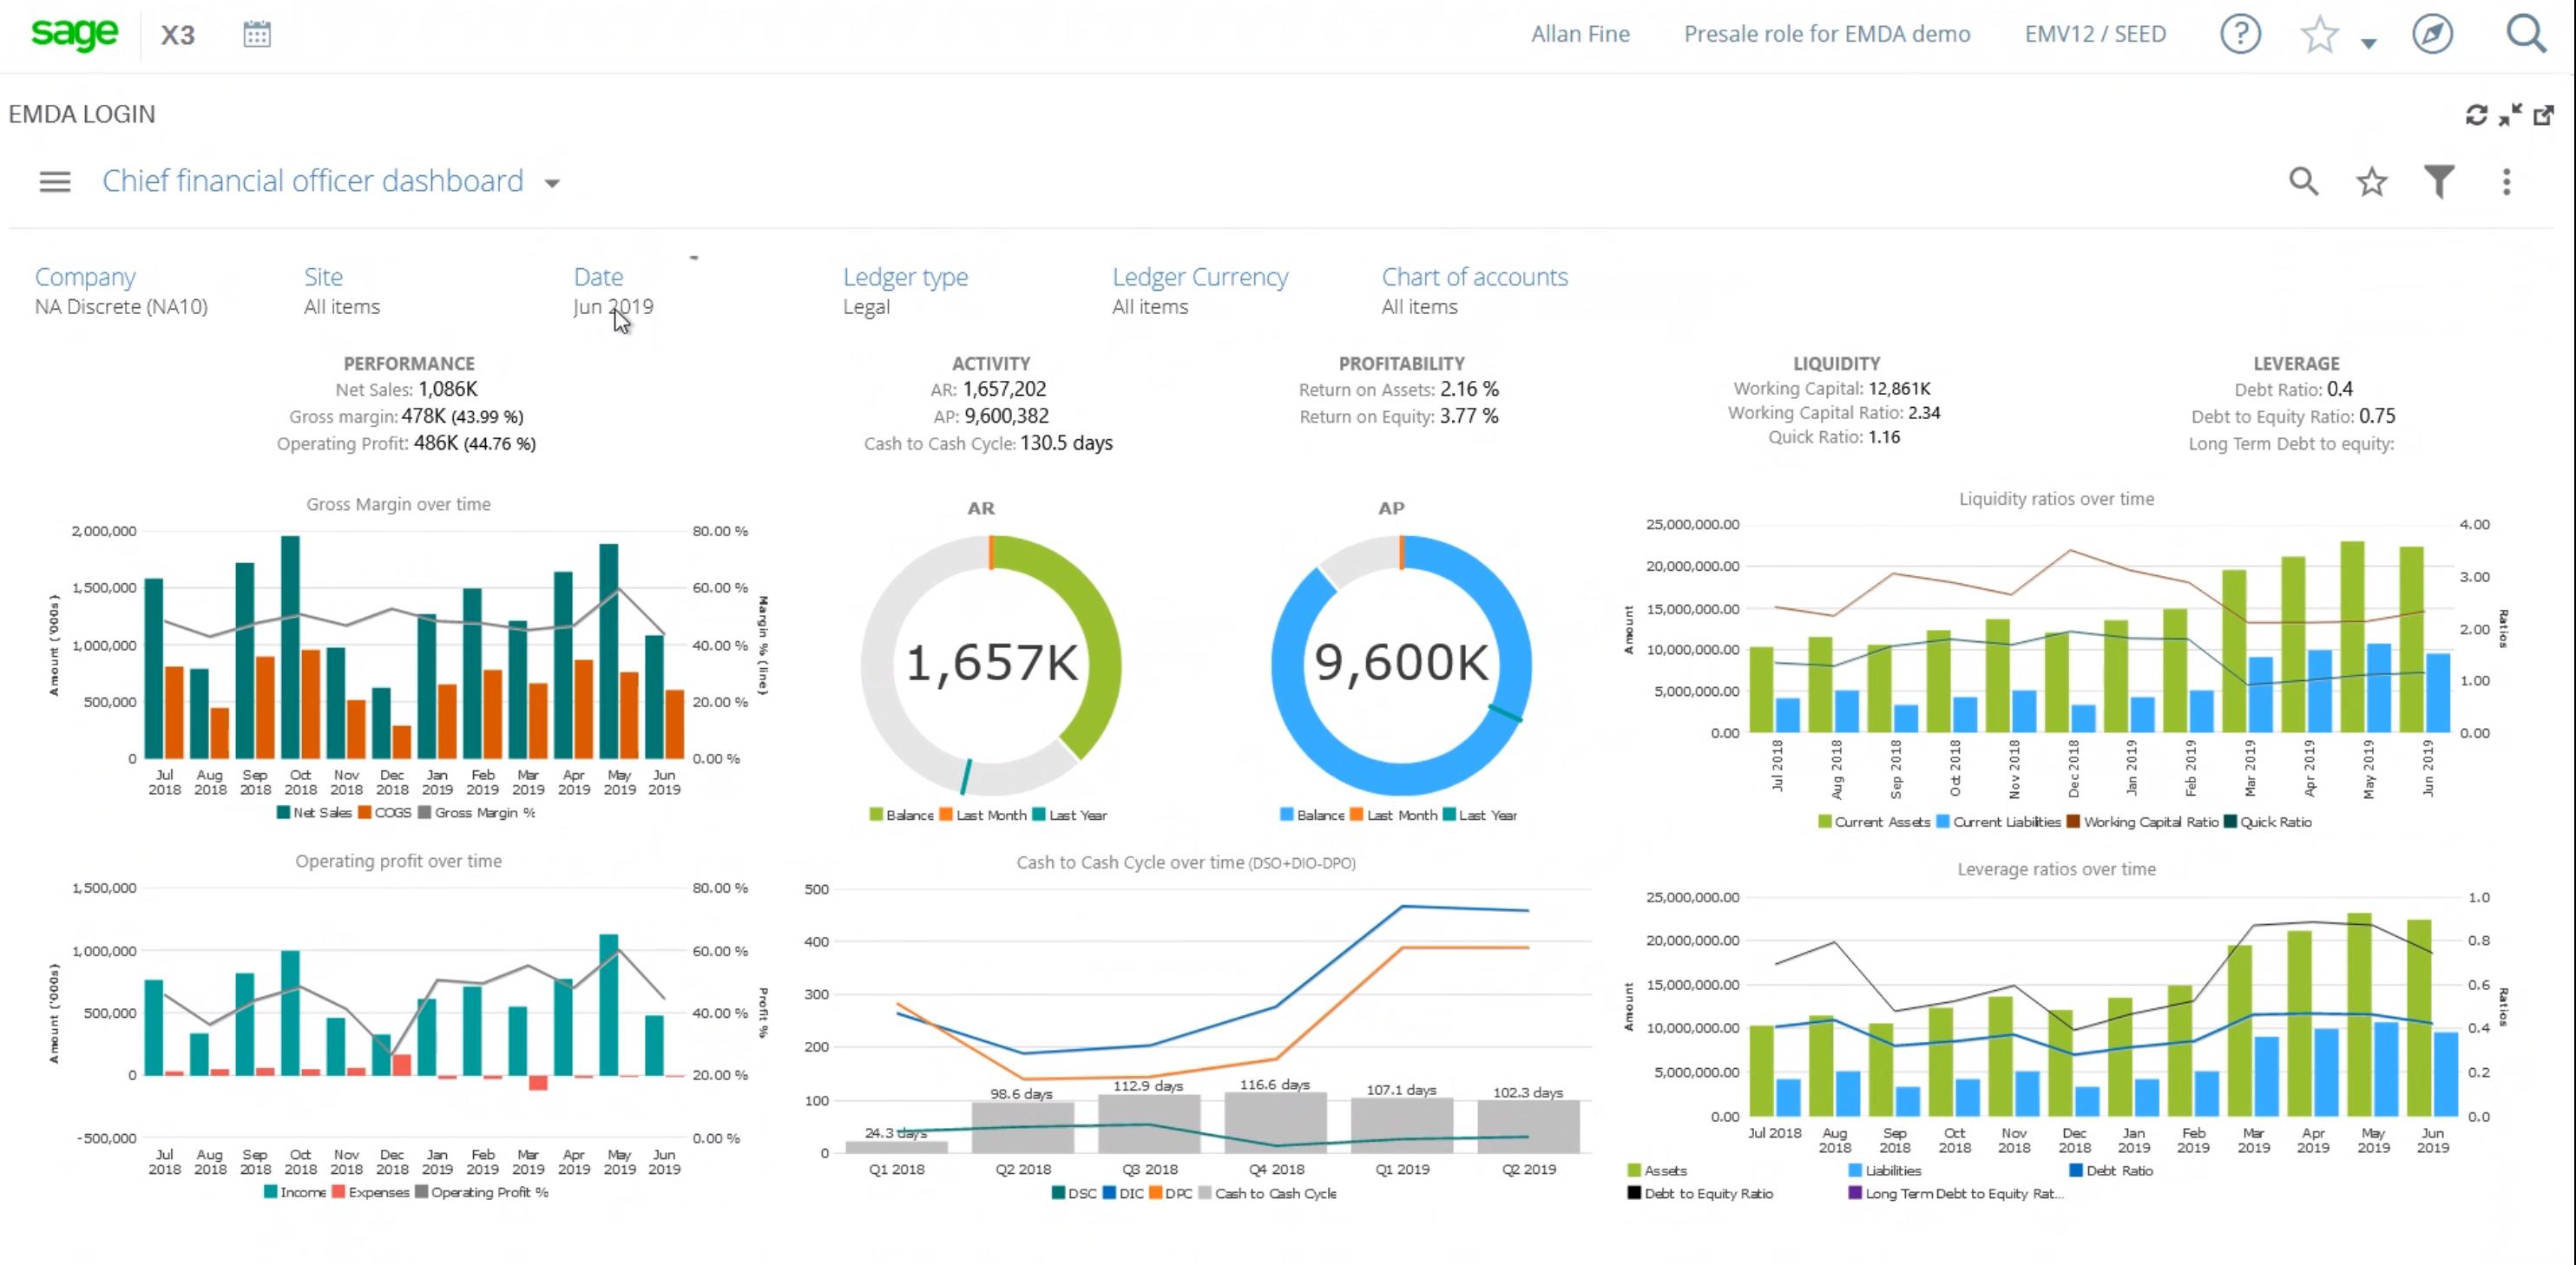 Financial reporting CFO dashboard